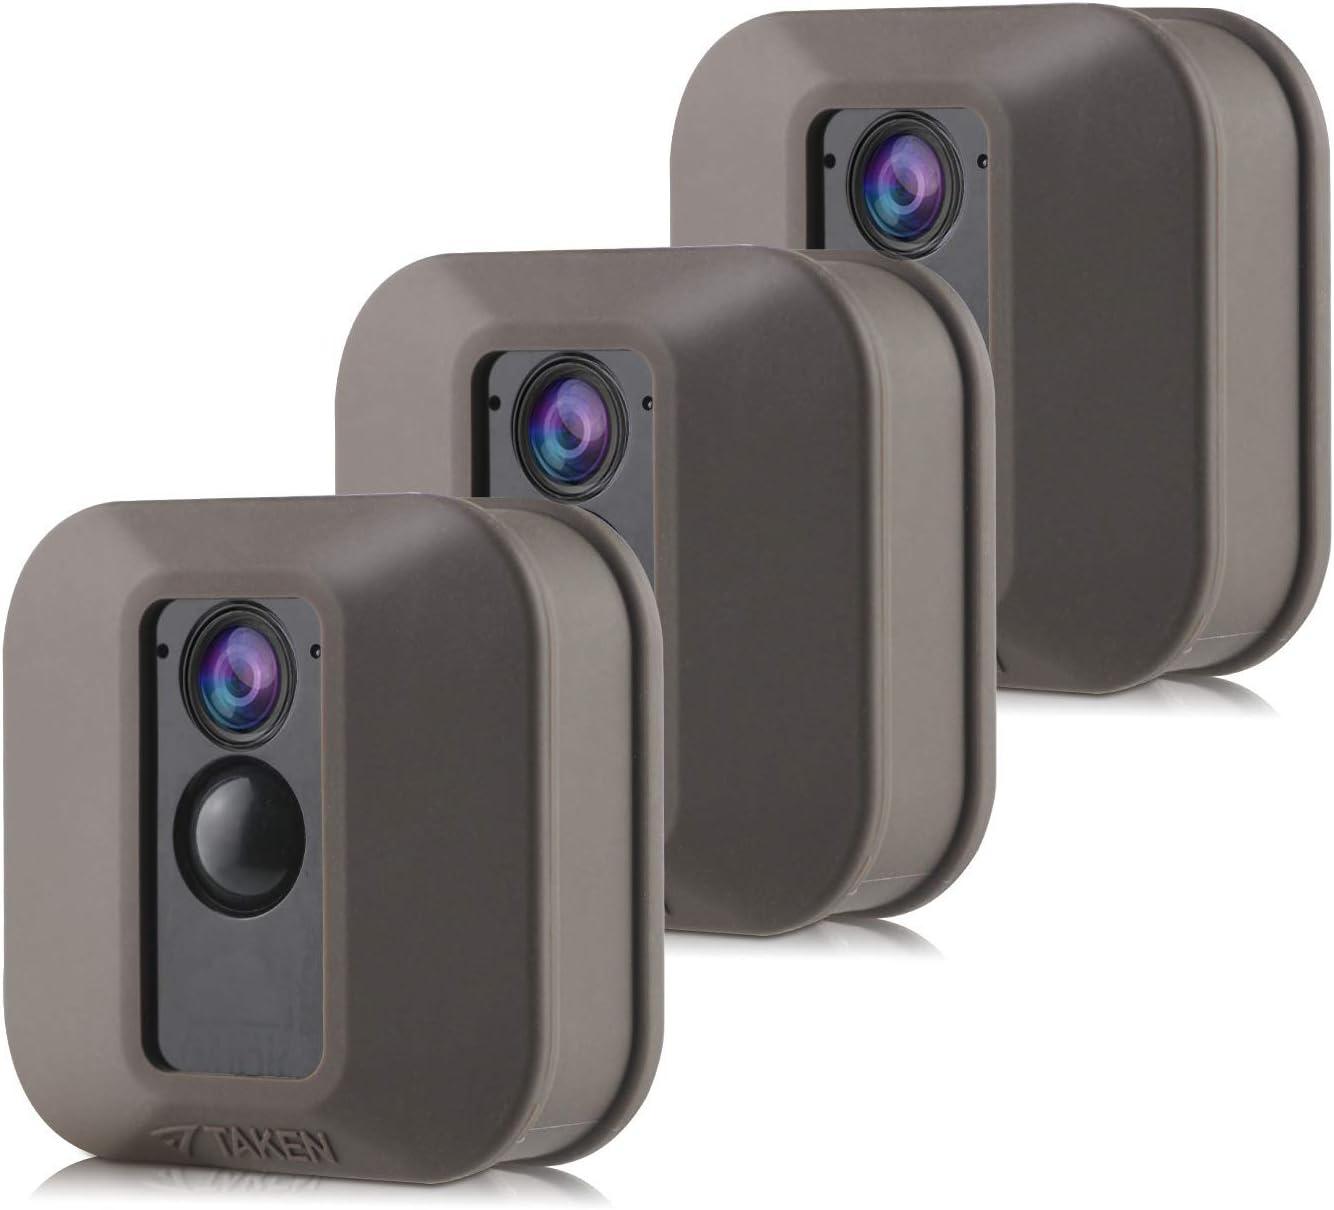 Silikon Schutzhüllen Für Blink Xt Xt2 Sicherheitskamera Silikon Hülle Für Blinken Heimsicherheit Anti Kratz Schutz Für Vollen Schutz Für Den Innen Und Außenbereich 3 Stück Braun Elektronik